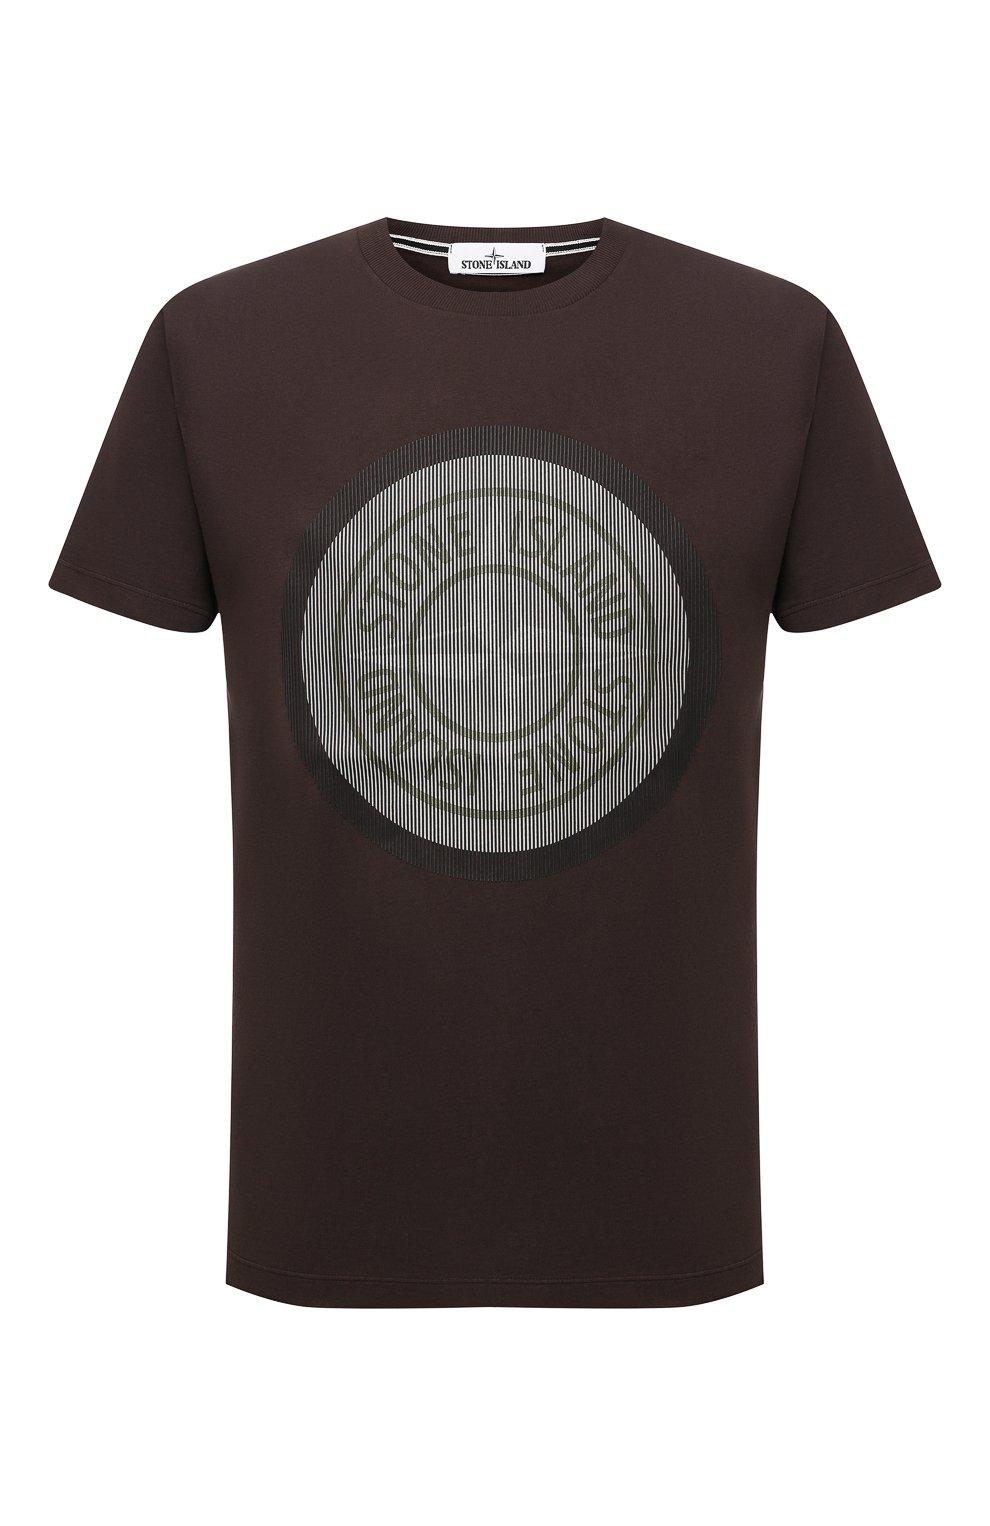 Мужская хлопковая футболка STONE ISLAND темно-коричневого цвета, арт. 75152NS89   Фото 1 (Рукава: Короткие; Длина (для топов): Стандартные; Принт: С принтом; Материал внешний: Хлопок; Стили: Кэжуэл)